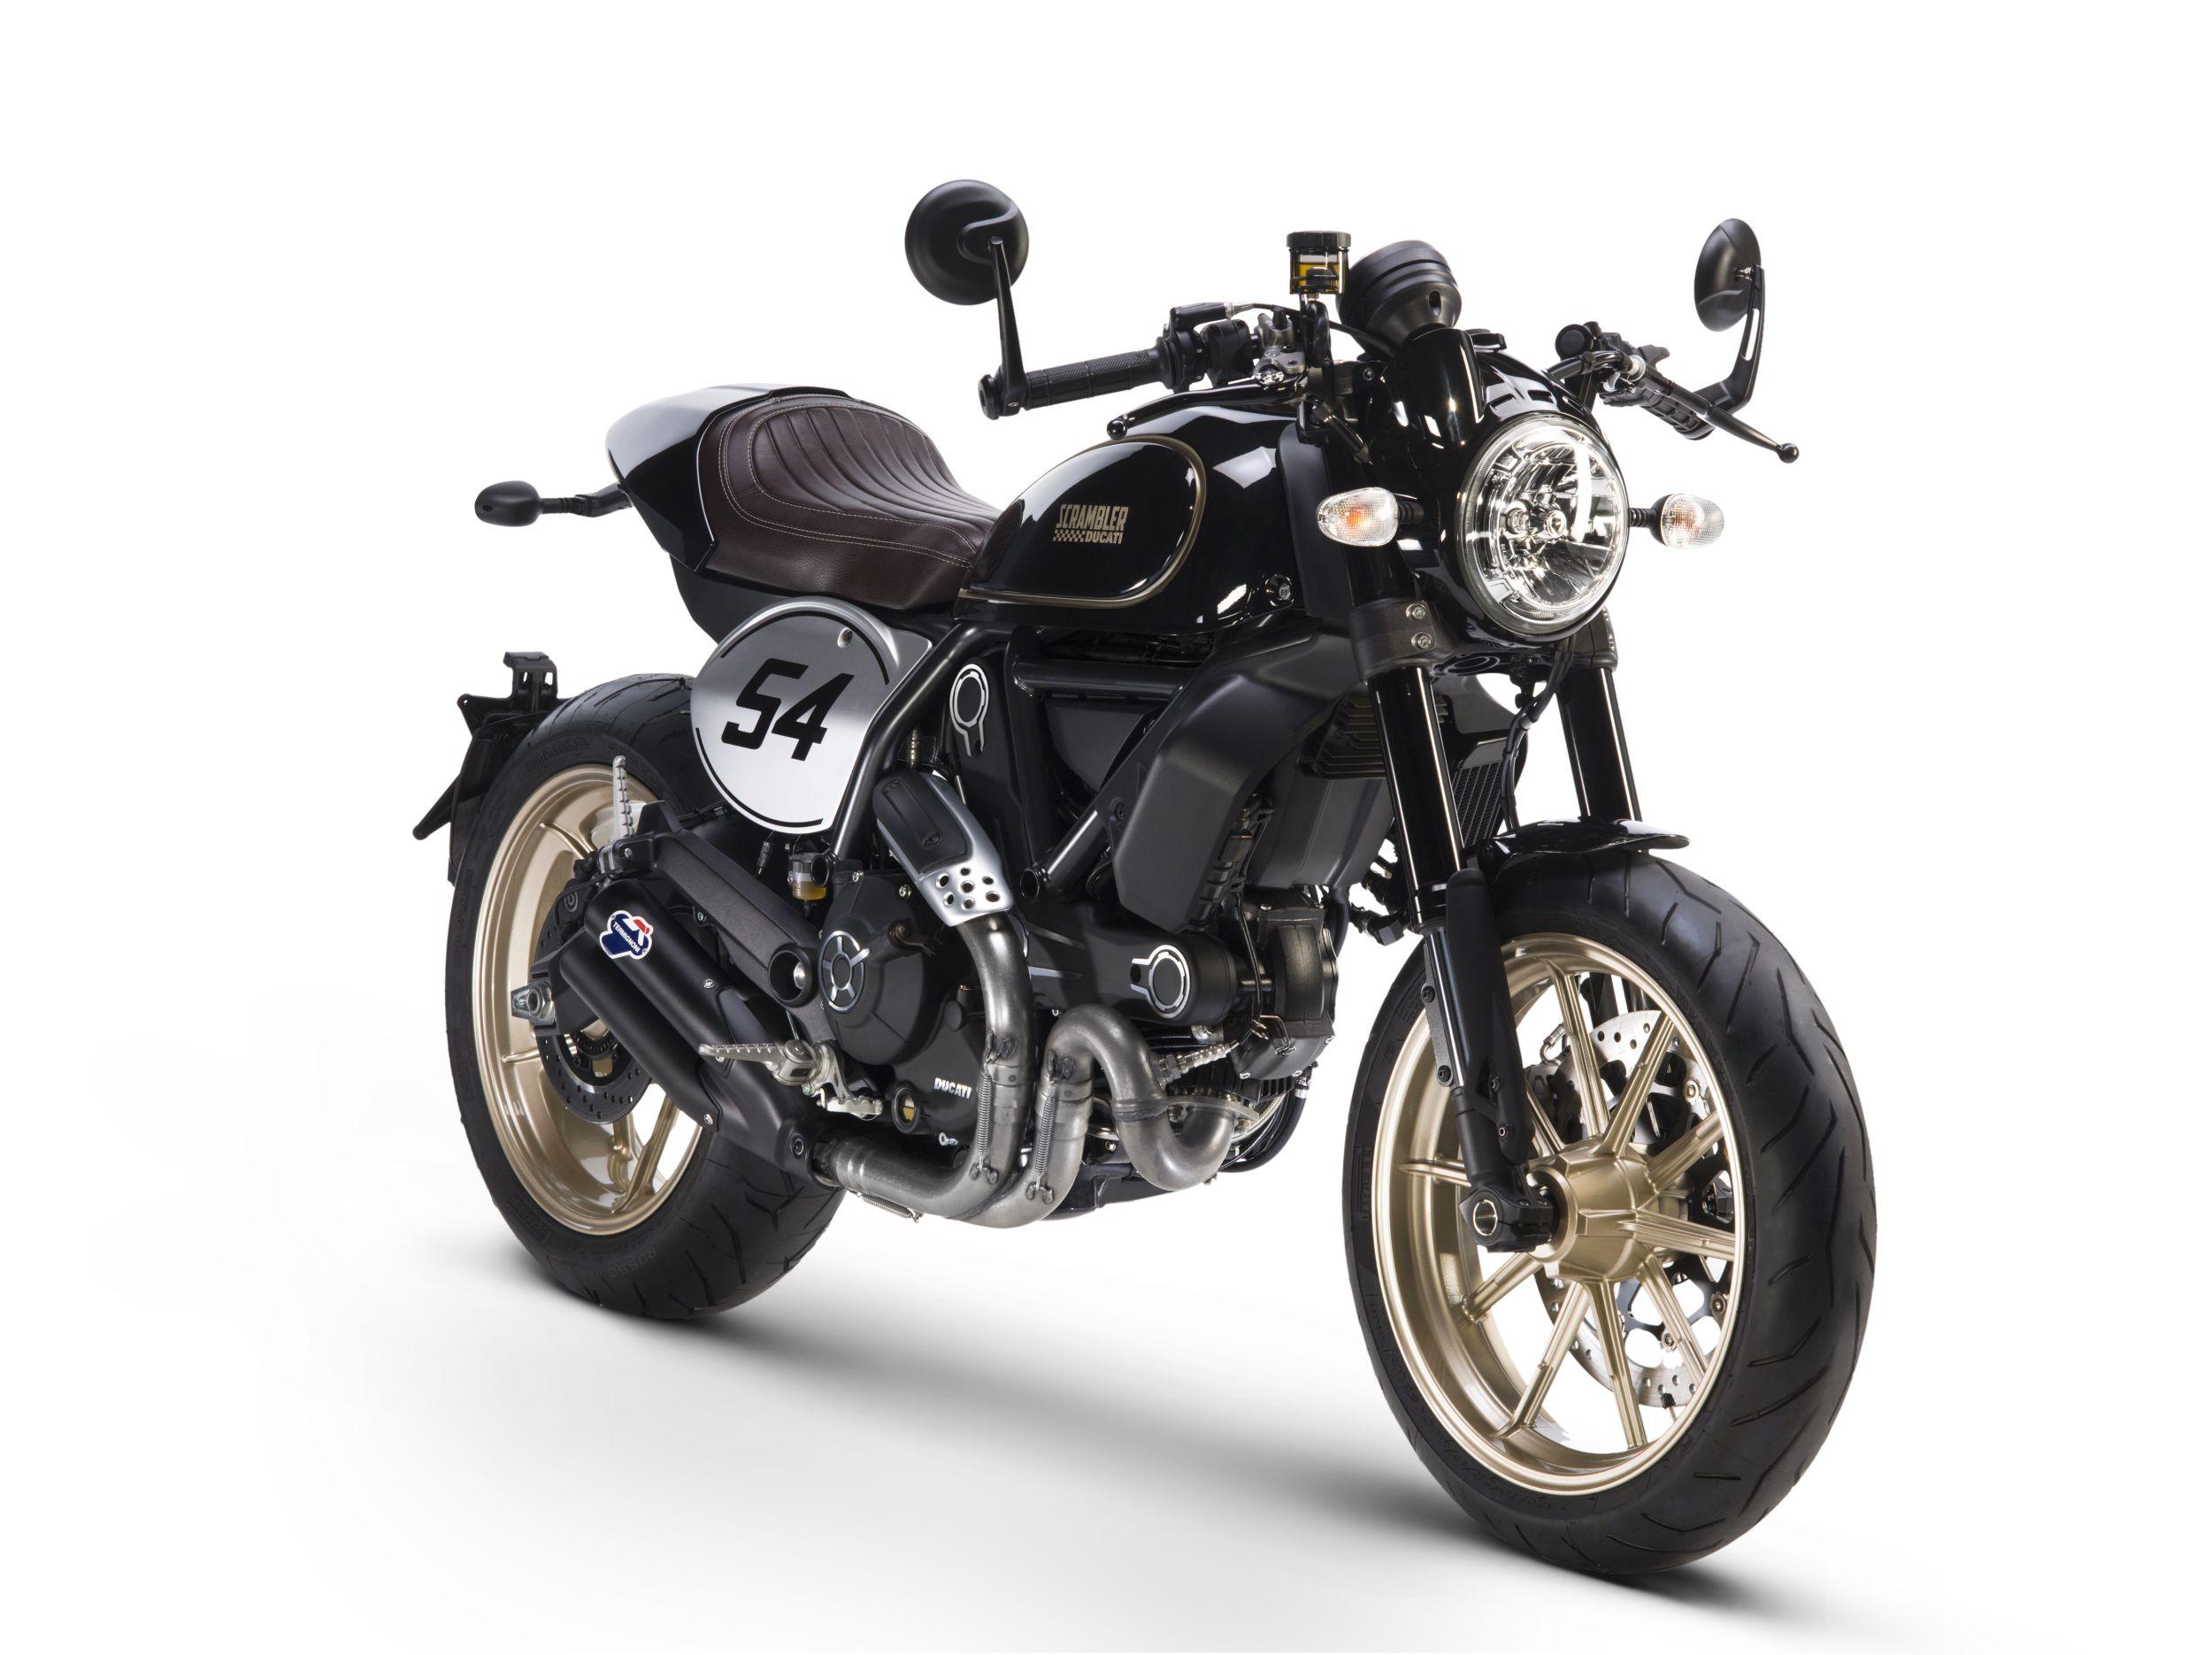 Gebrauchte und neue Ducati Scrambler Cafe Racer Motorräder kaufen